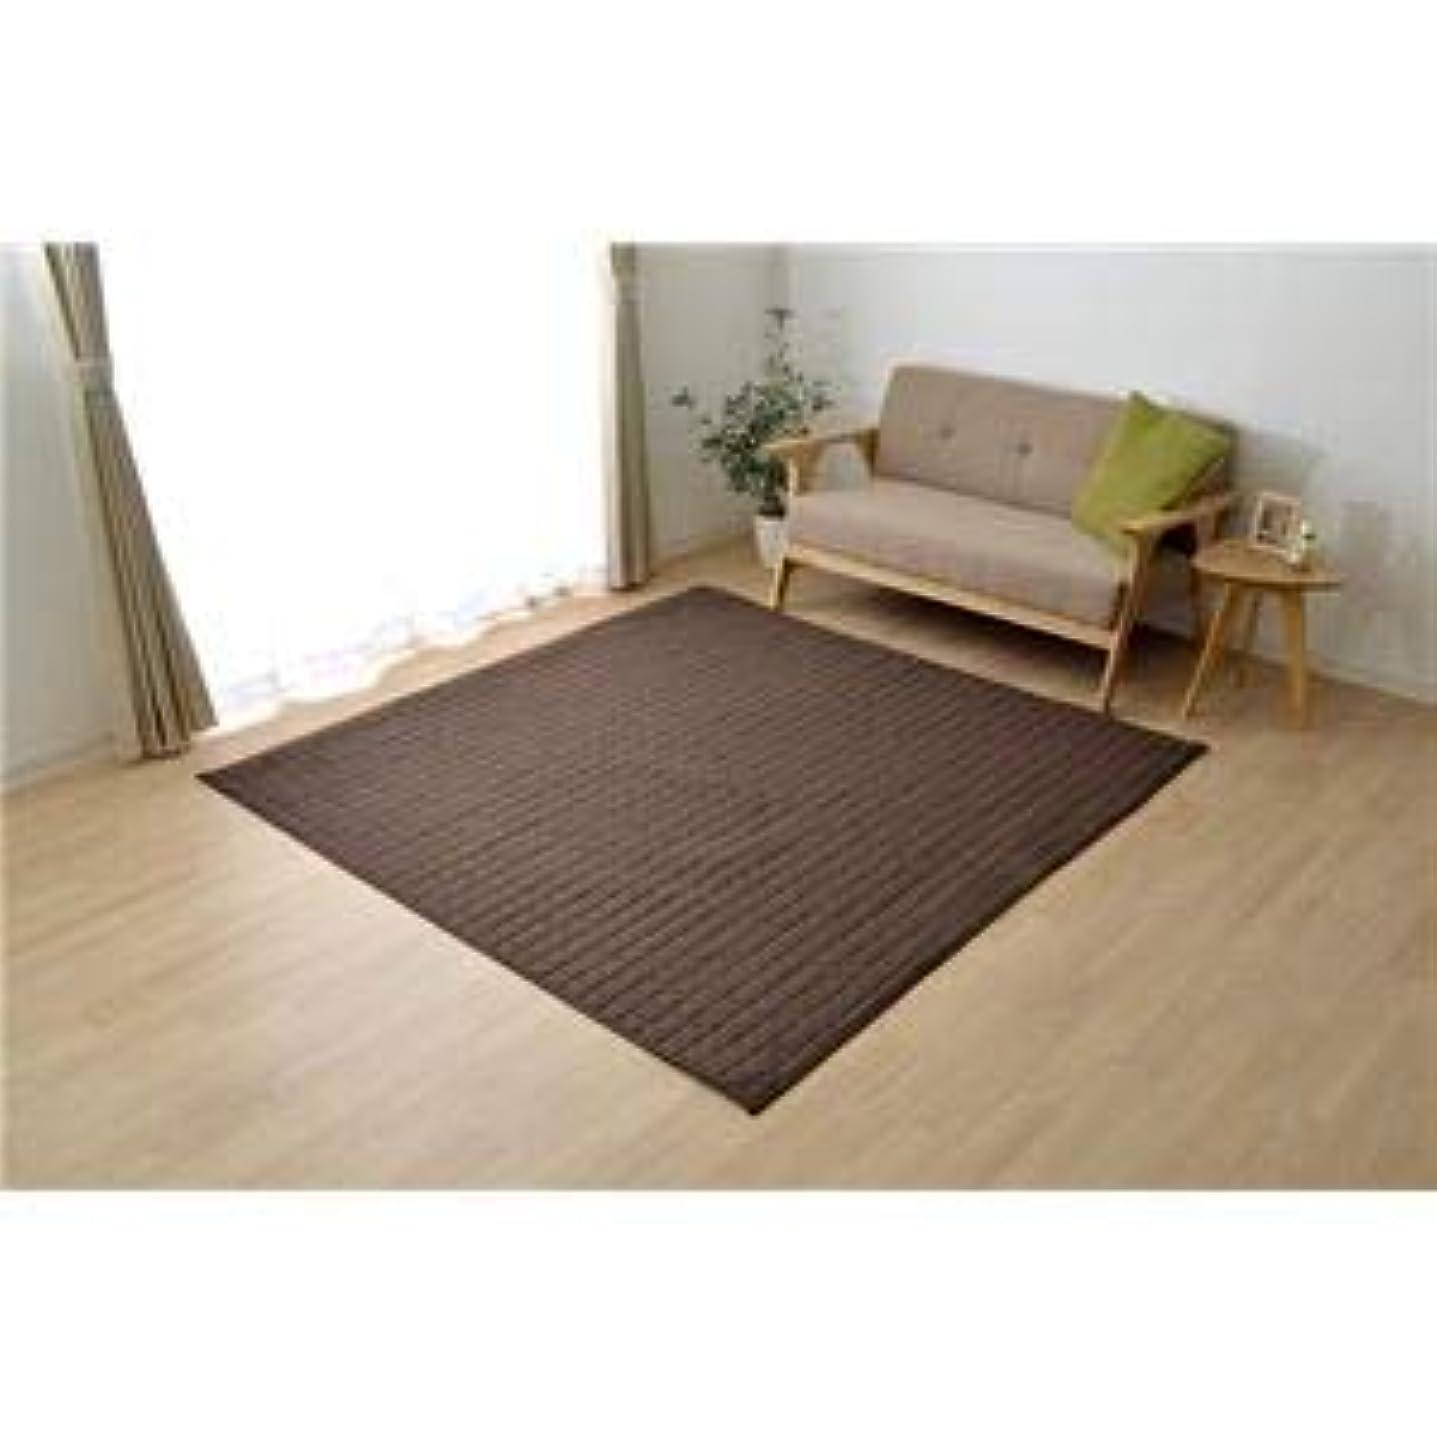 どれでも応用多数のラグマット/絨毯 【2畳 ブラウン 約185×185cm】 正方形 洗える 無地 ホットカーペット